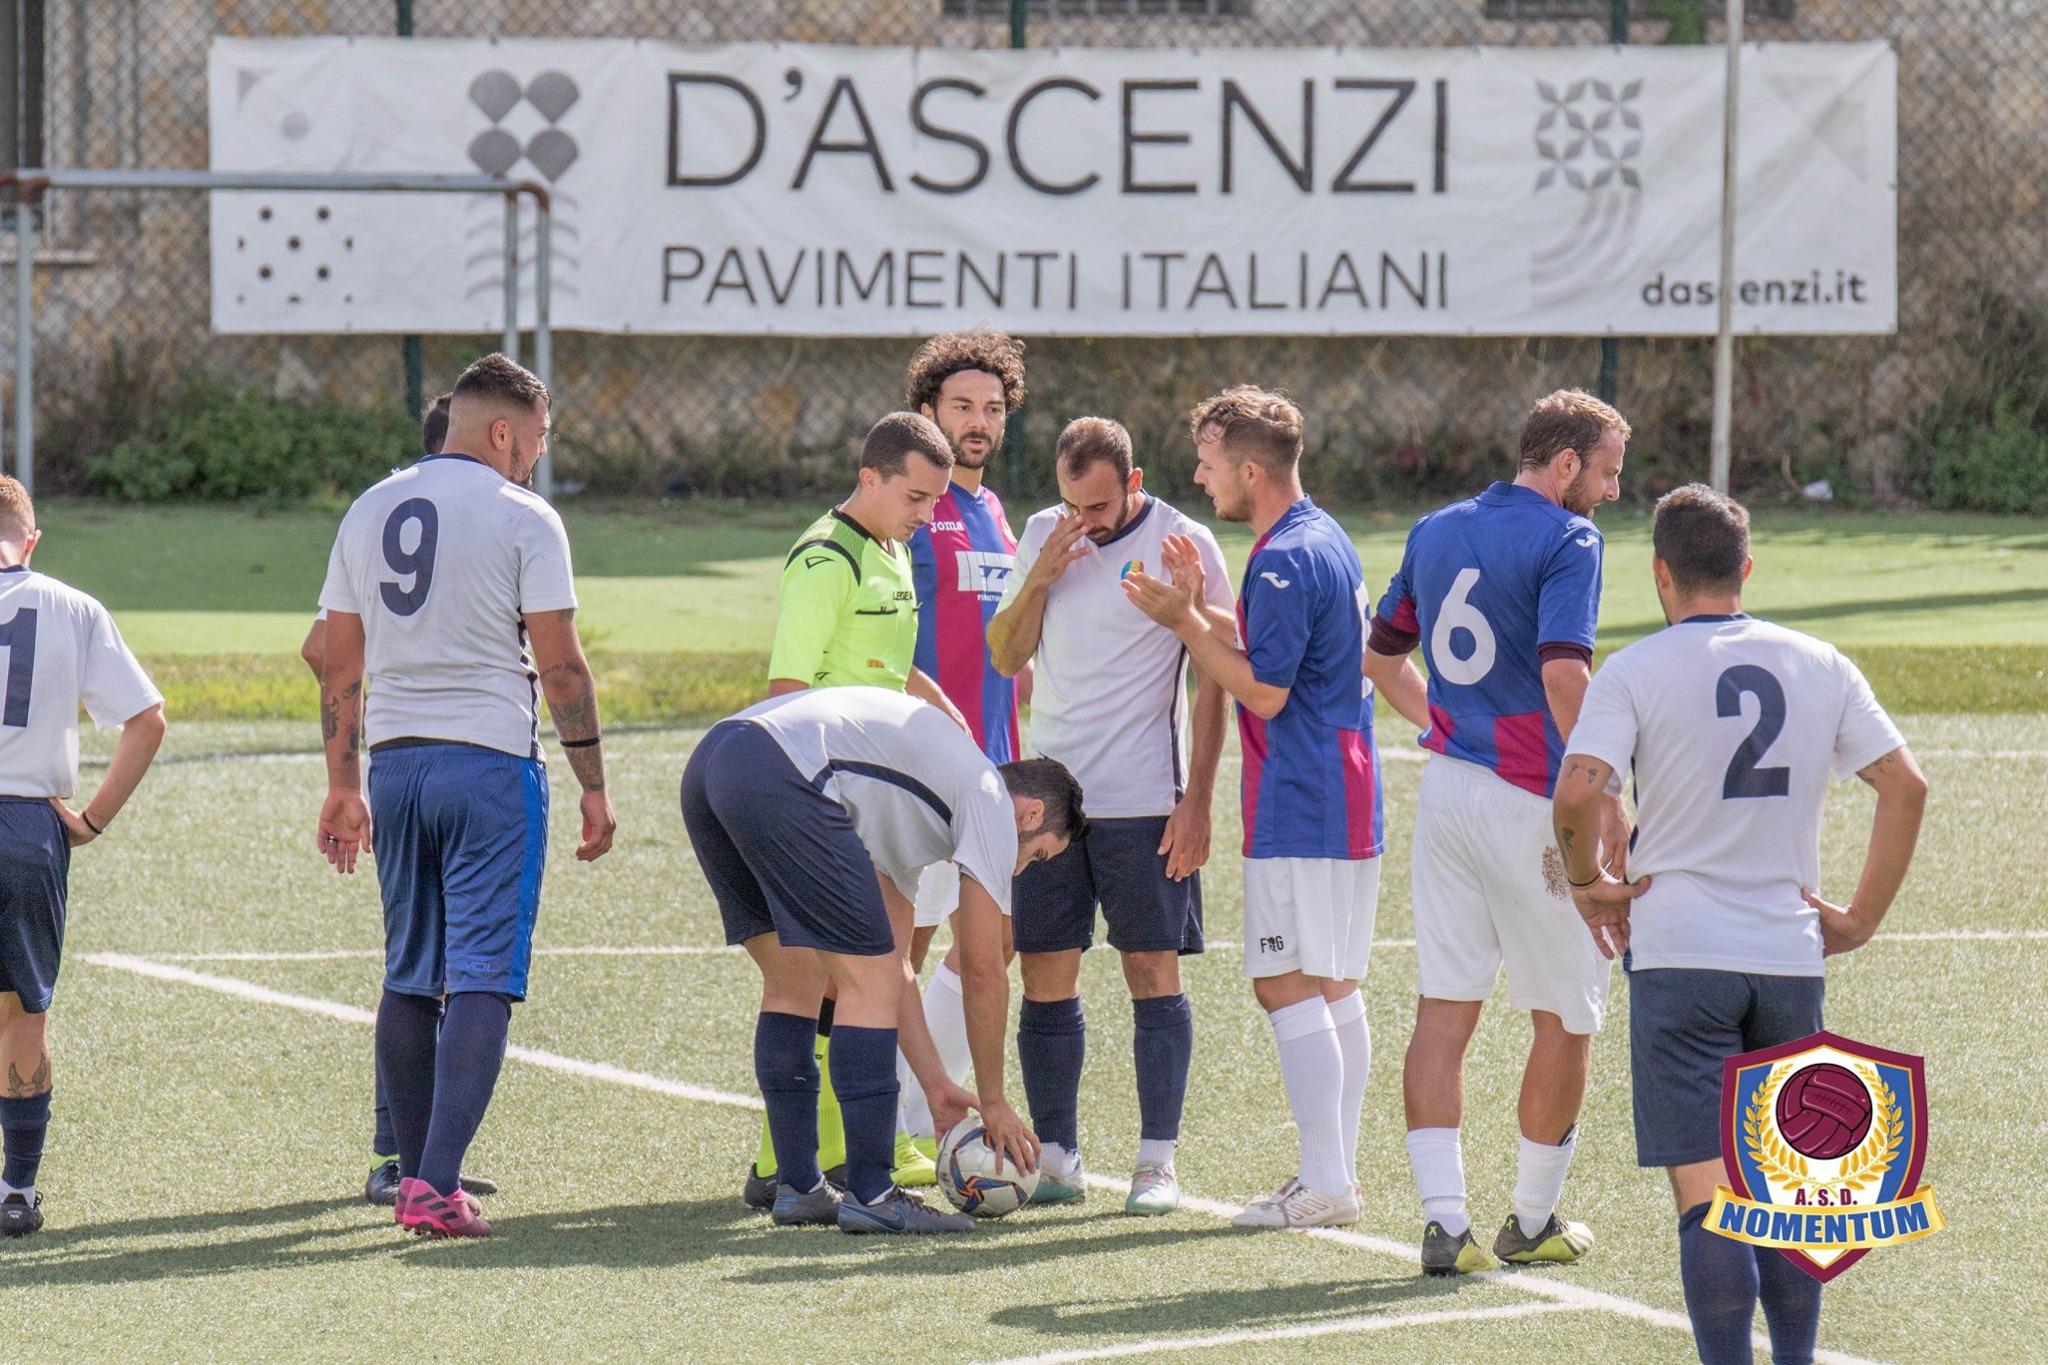 Eccellenza e Promozione, 2a giornata: risultati e classifiche delle squadre del Nord-Est